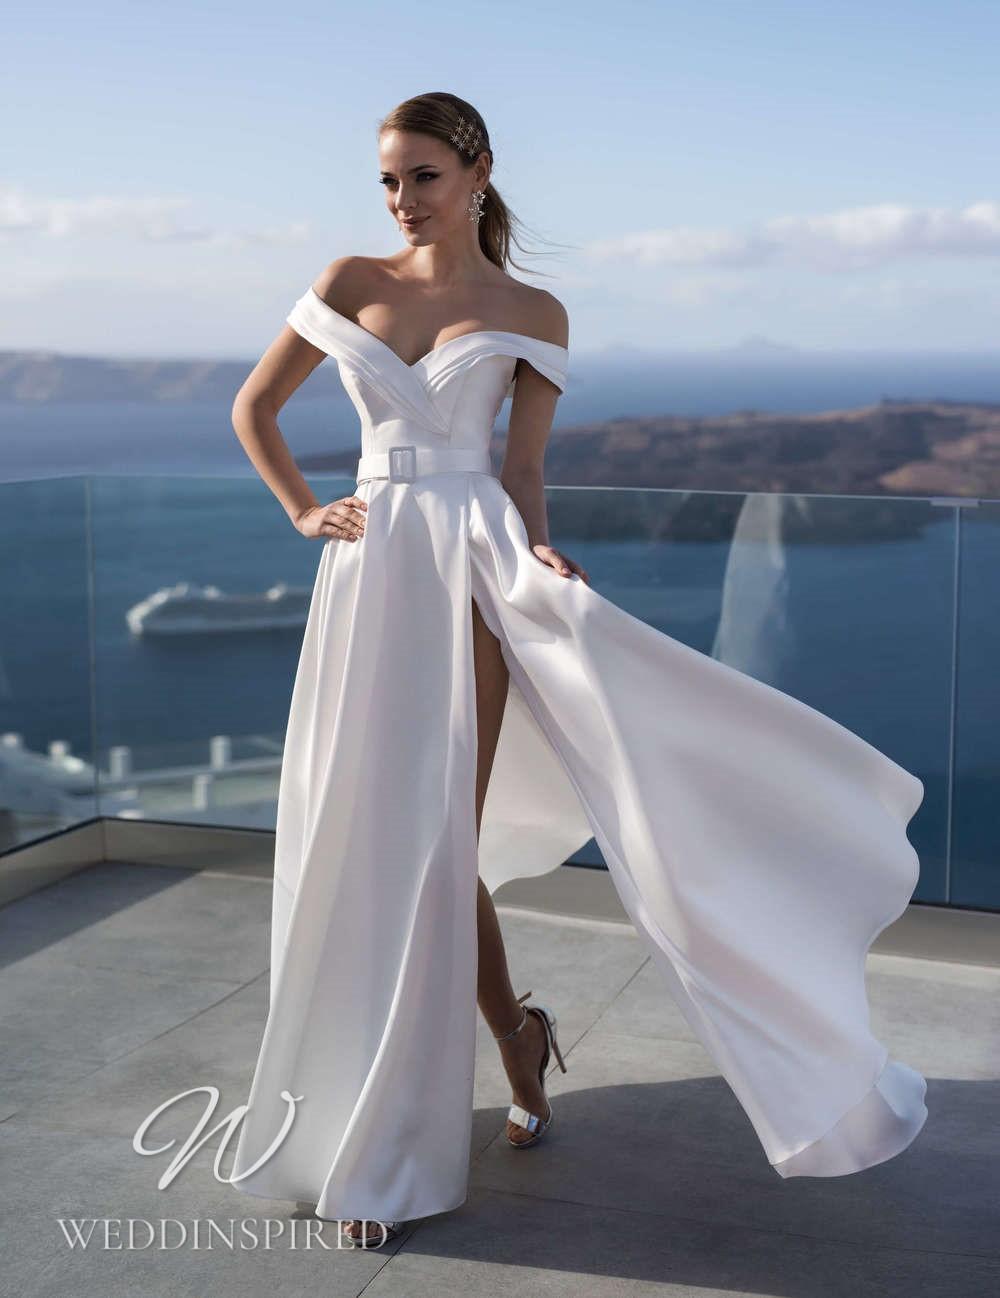 A Blunny 2021 satin off the shoulder flowy A-line wedding dress